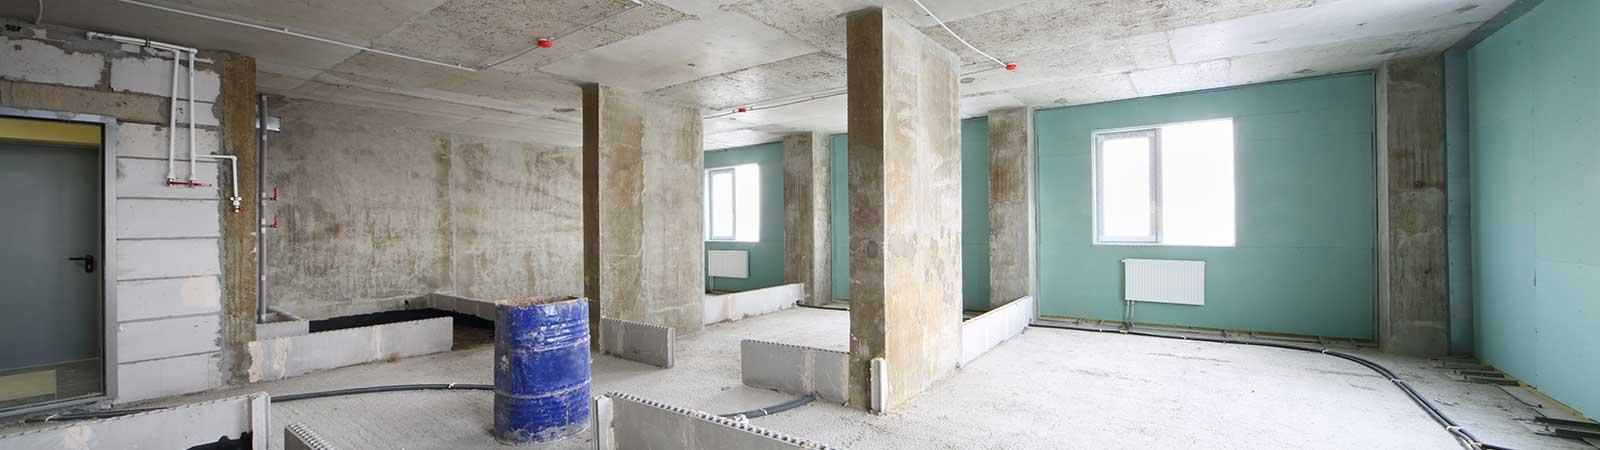 Rothbau GmbH – Ihr Bauunternehmen in Königsbrunn